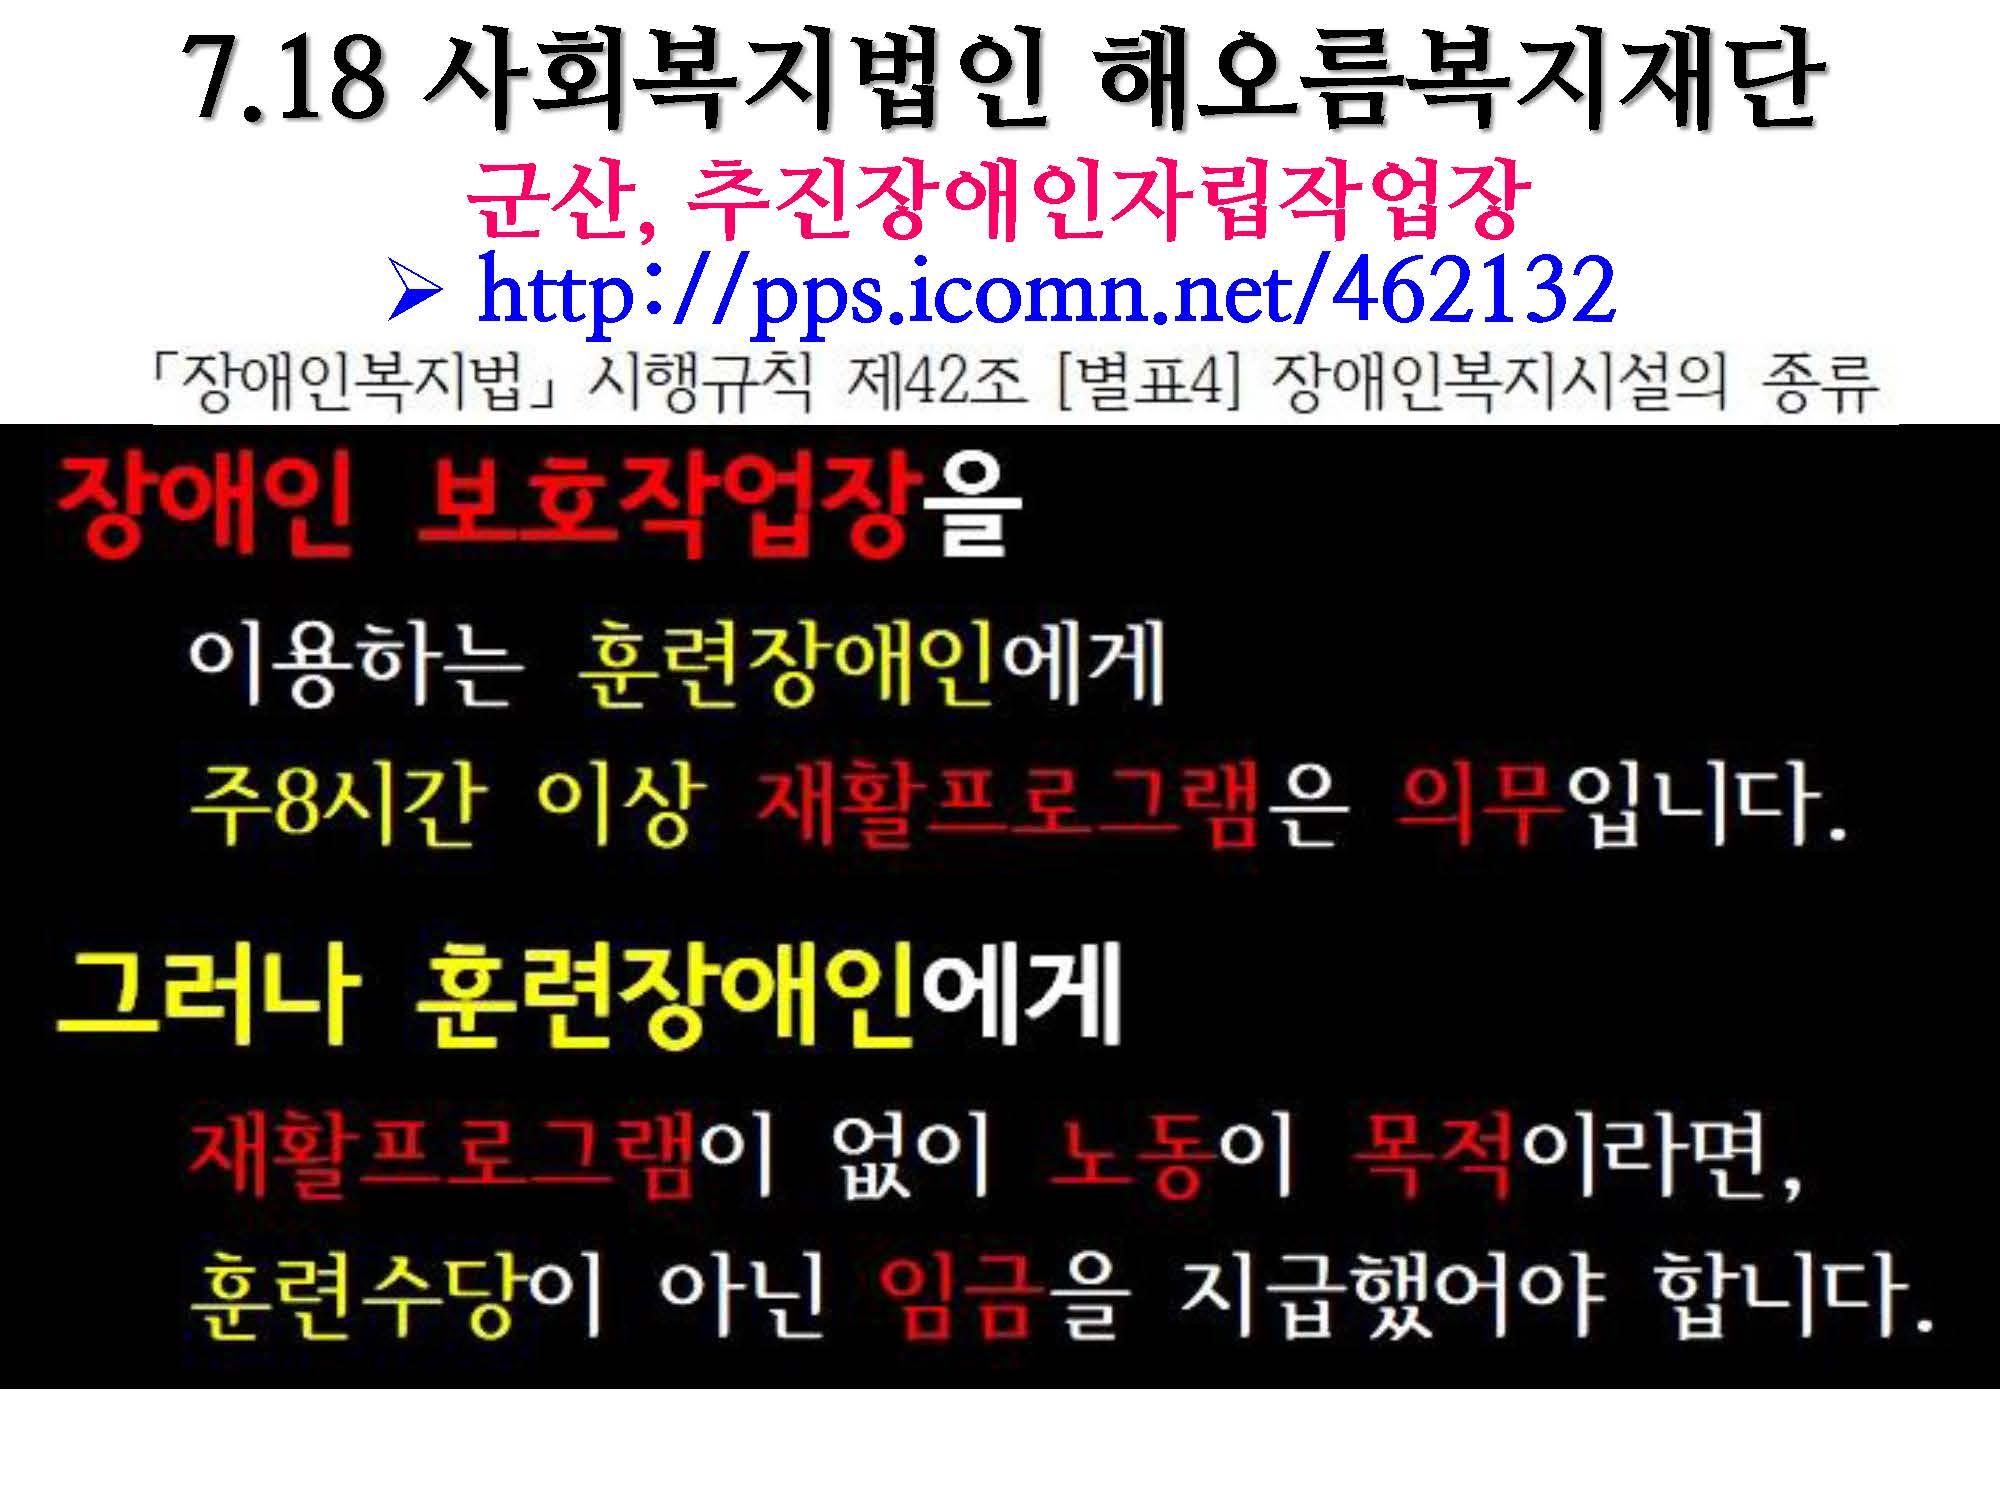 2019년 평화주민사랑방 활동 및 결산보고(PDF)_페이지_31.jpg